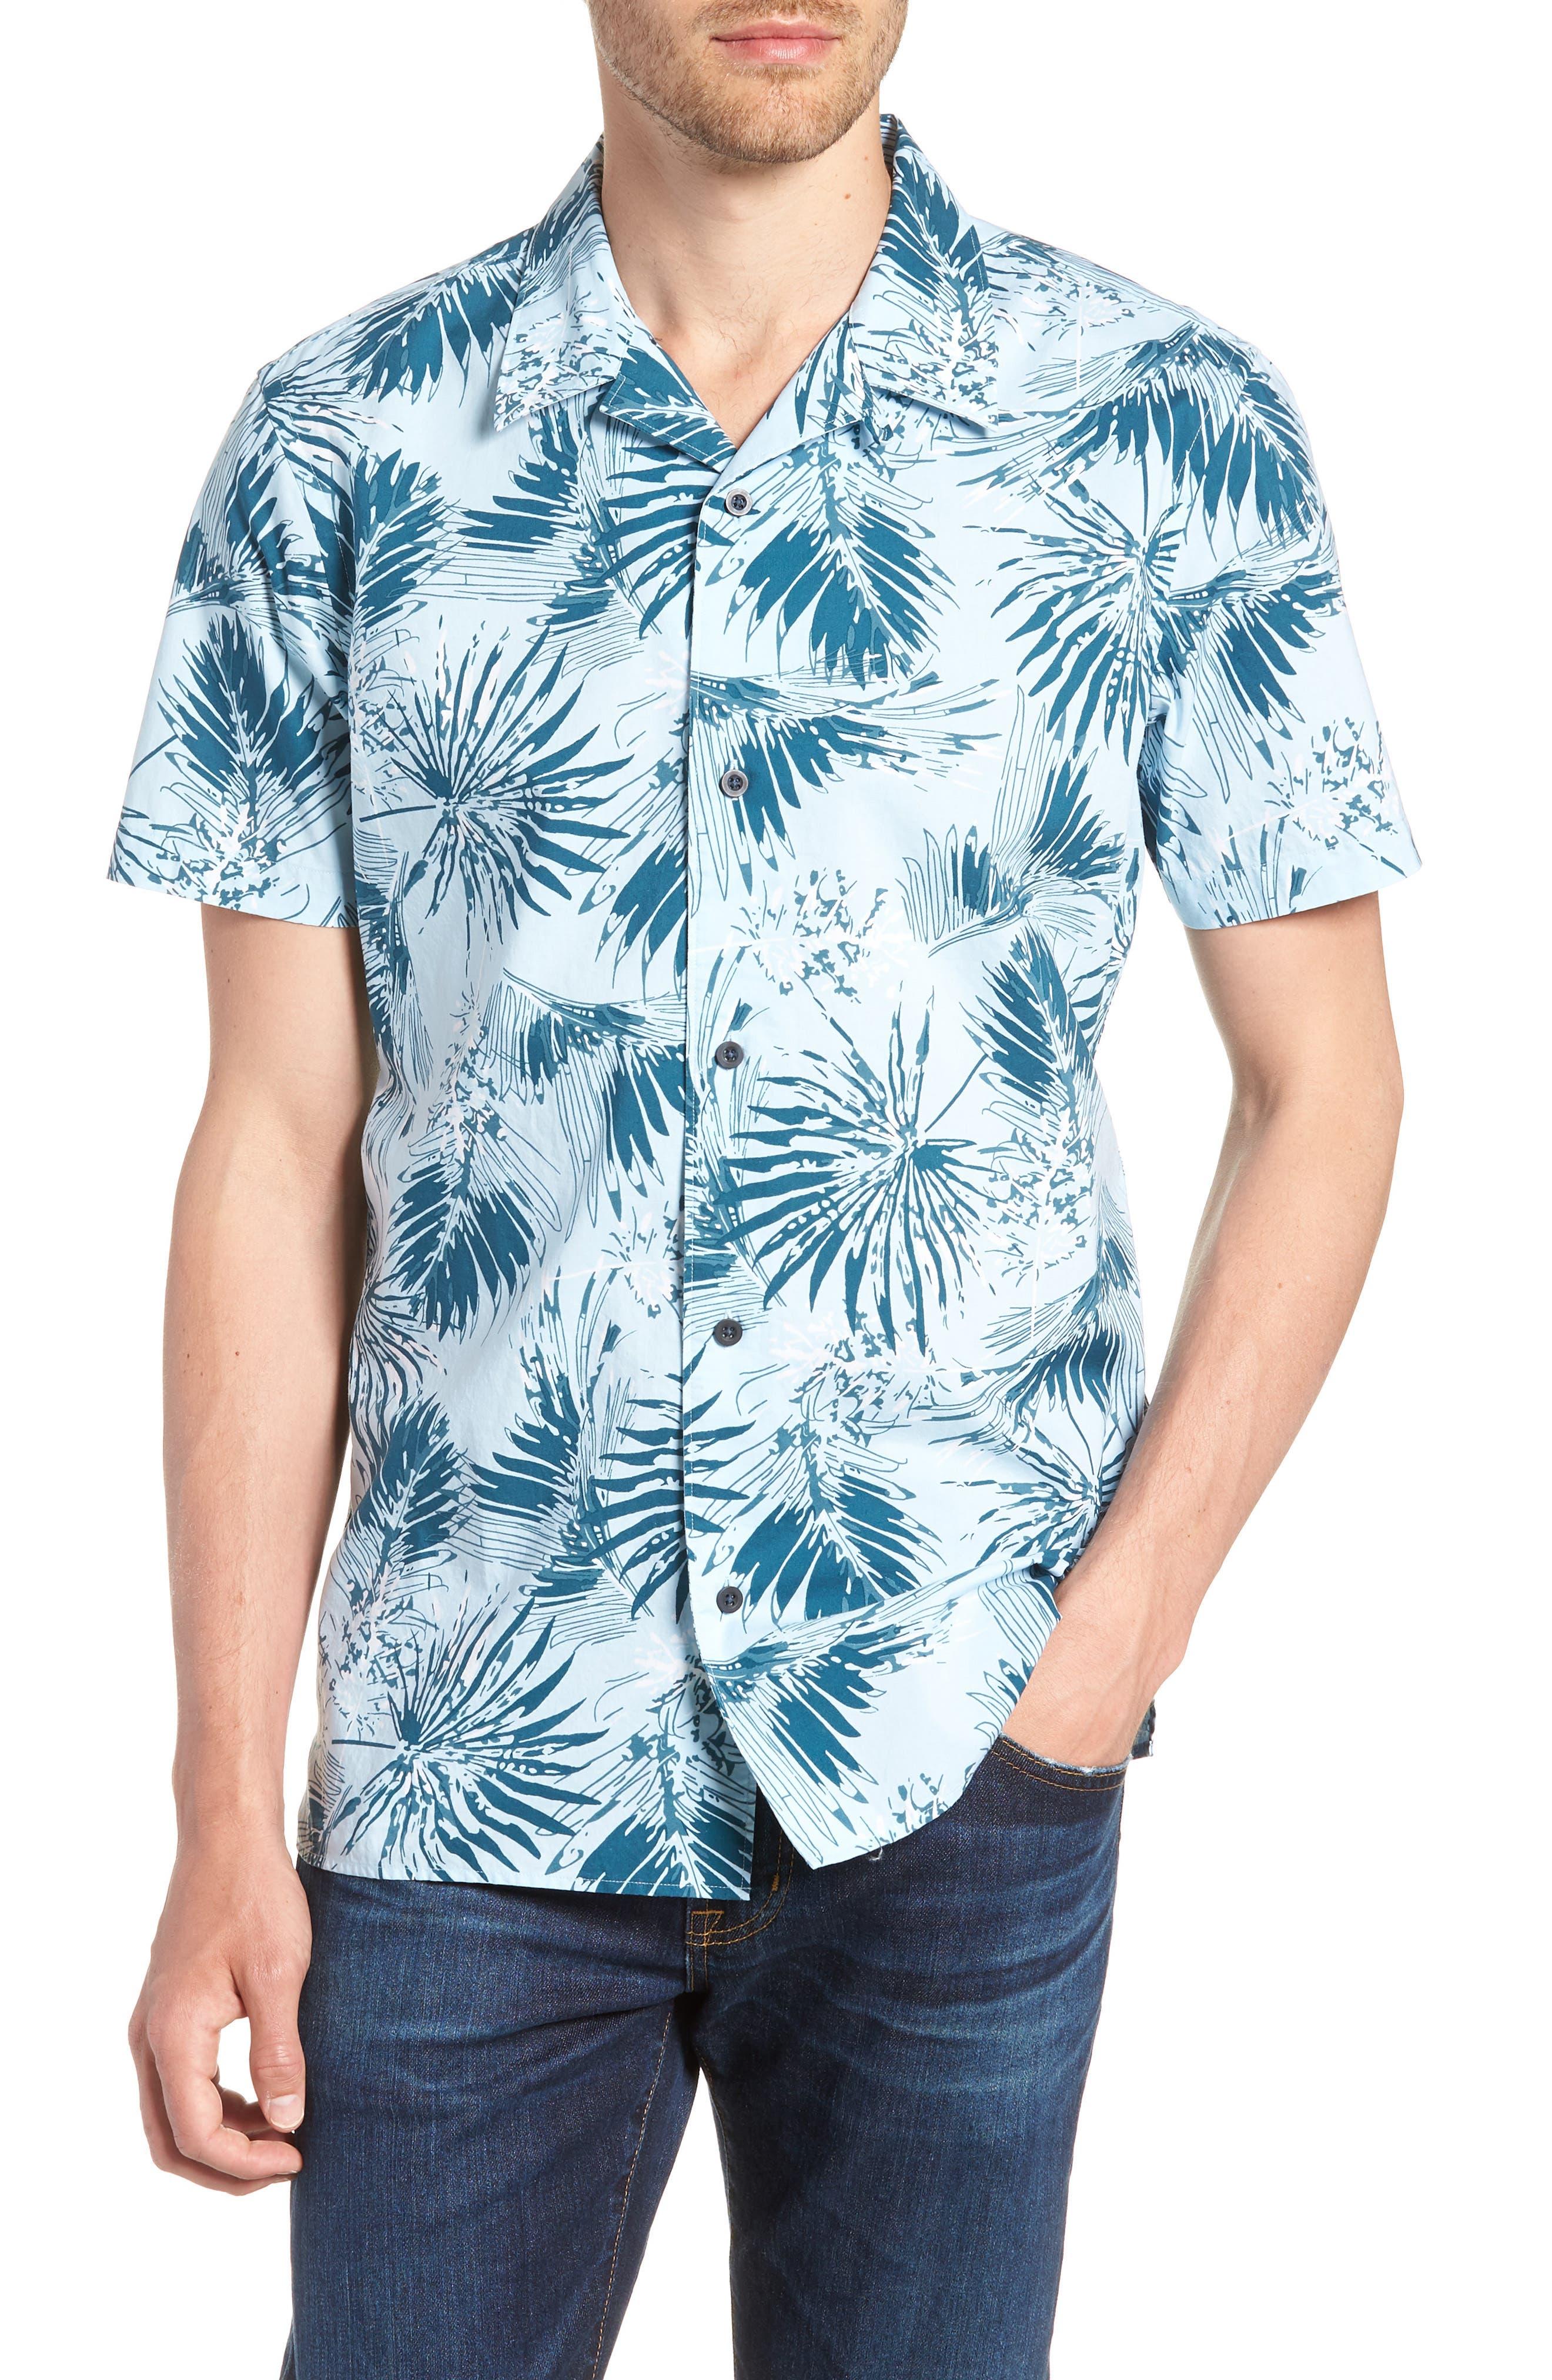 Trim Fit Palm Print Camp Shirt,                         Main,                         color, BLUE CLOUD FAN PALMS